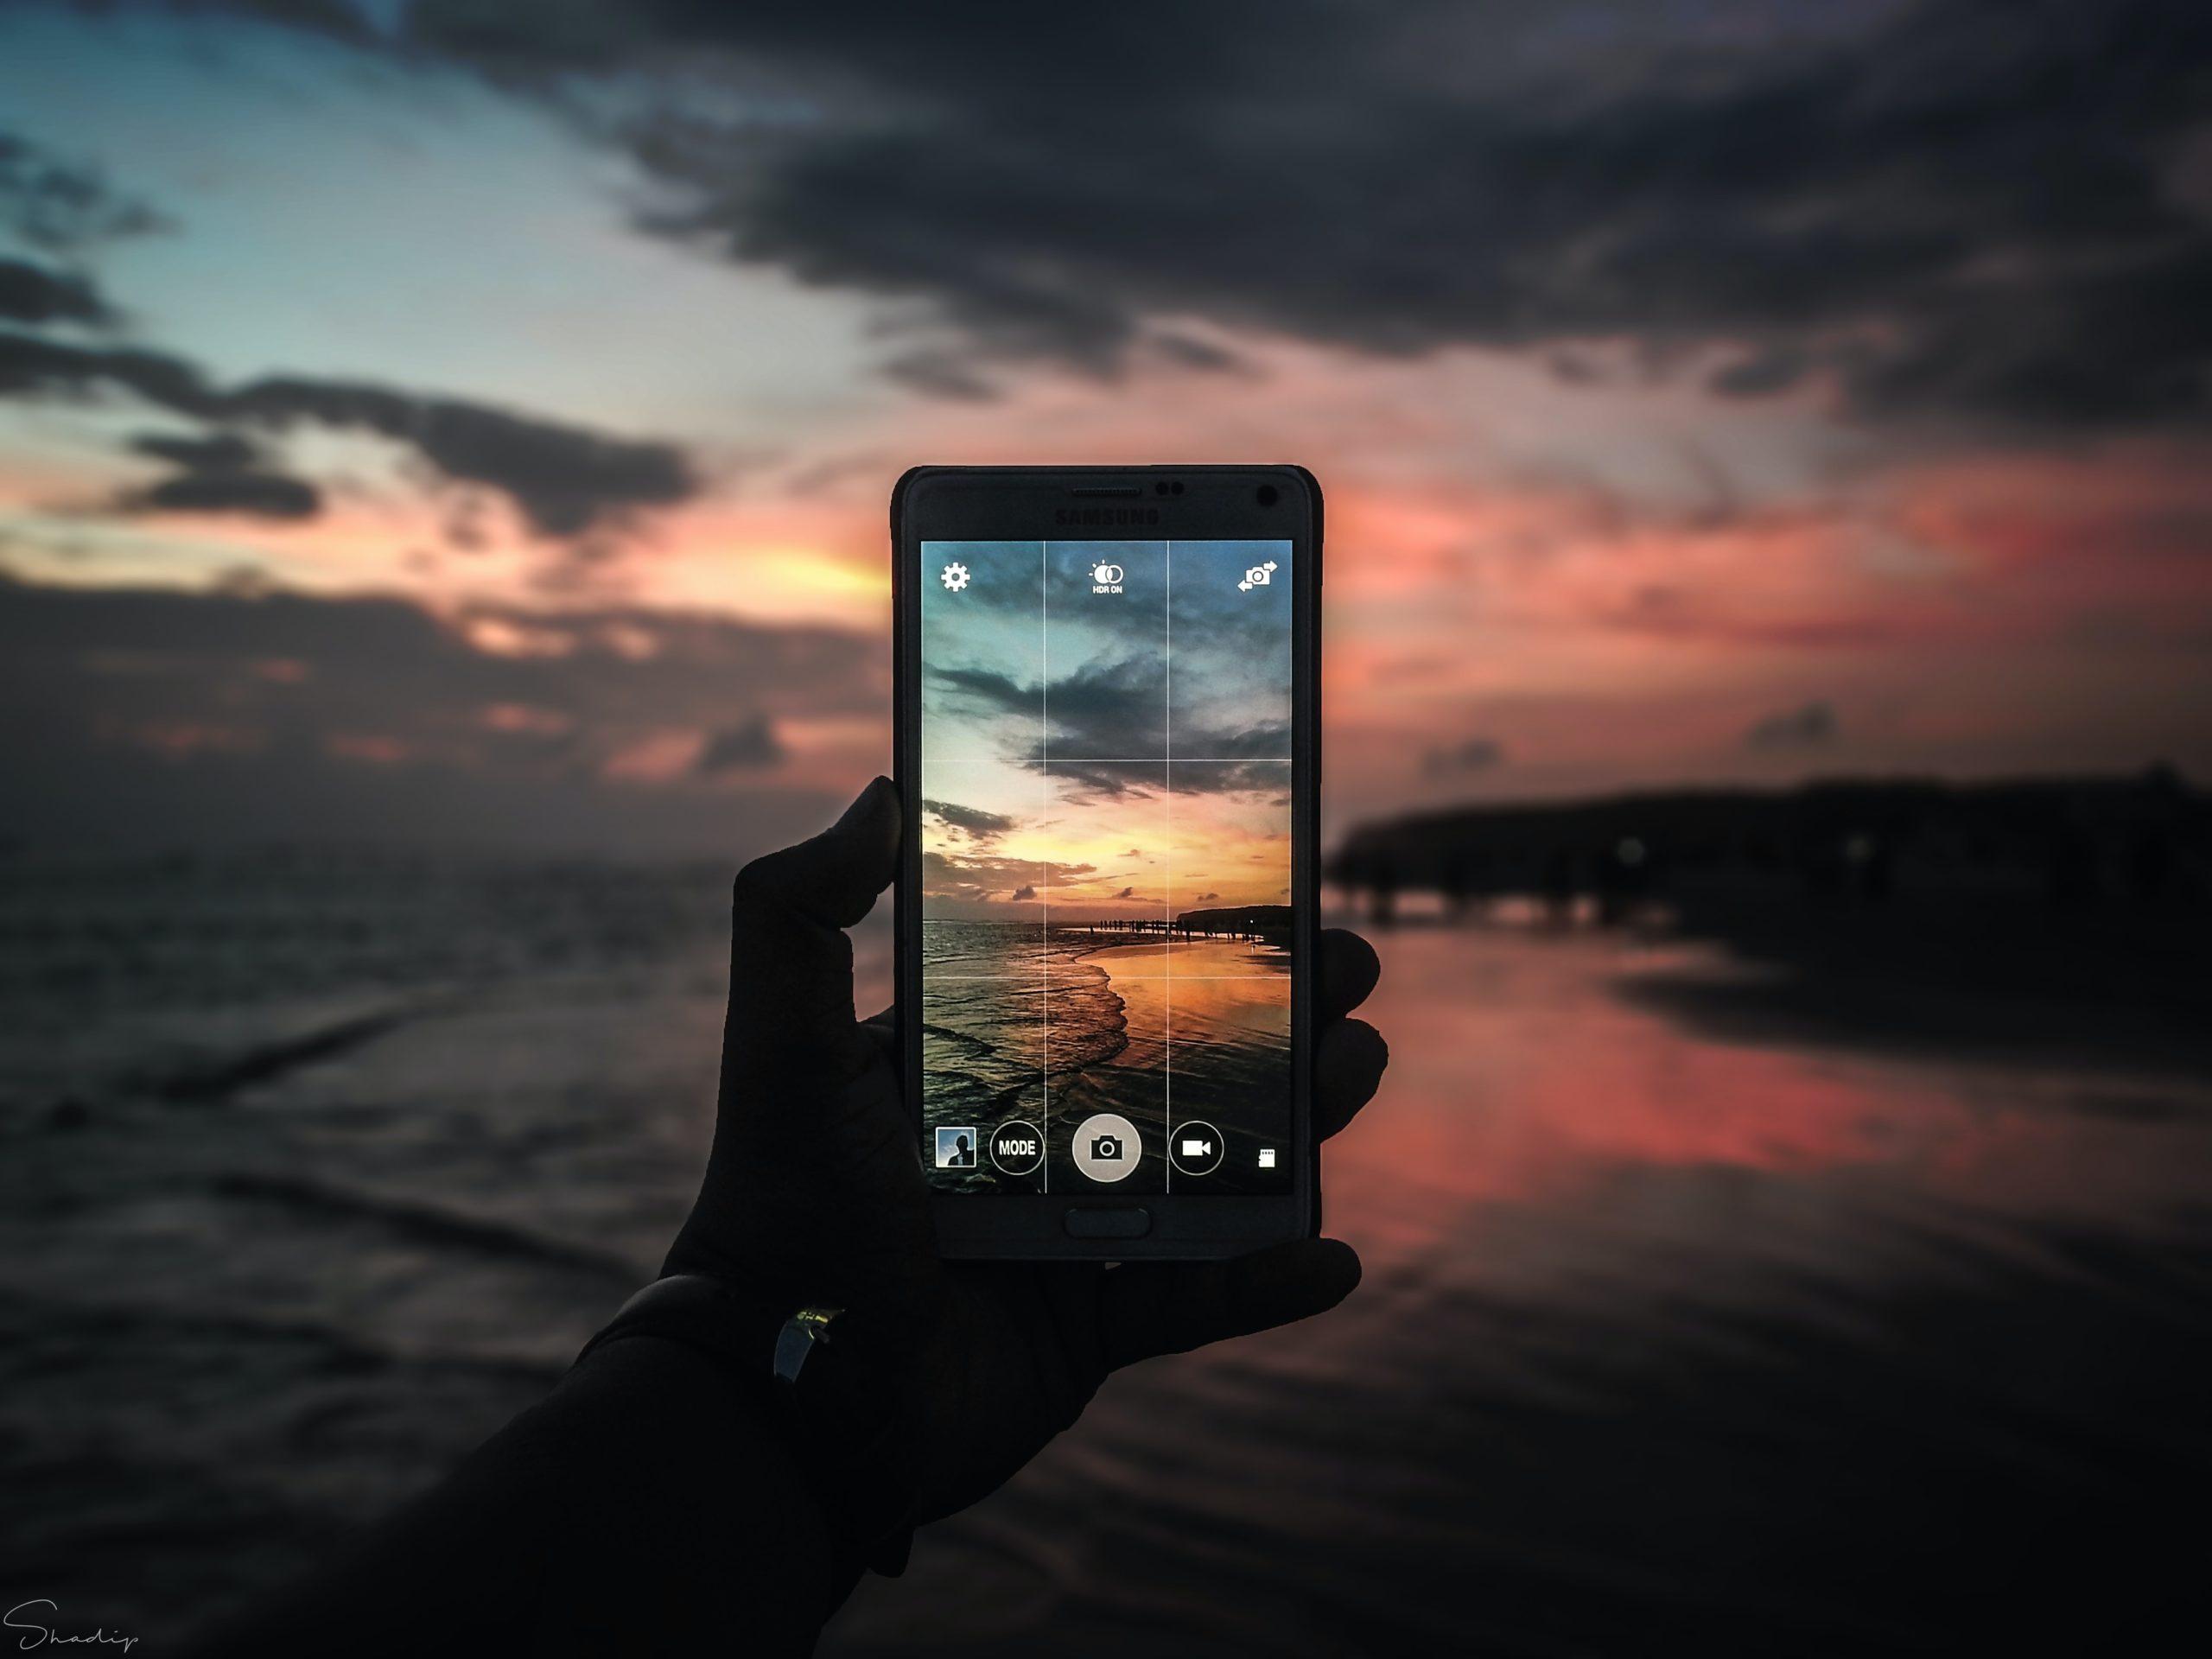 Społeczniku, czy wiesz jak zrobić dobre zdjęcie Twoim telefonem?